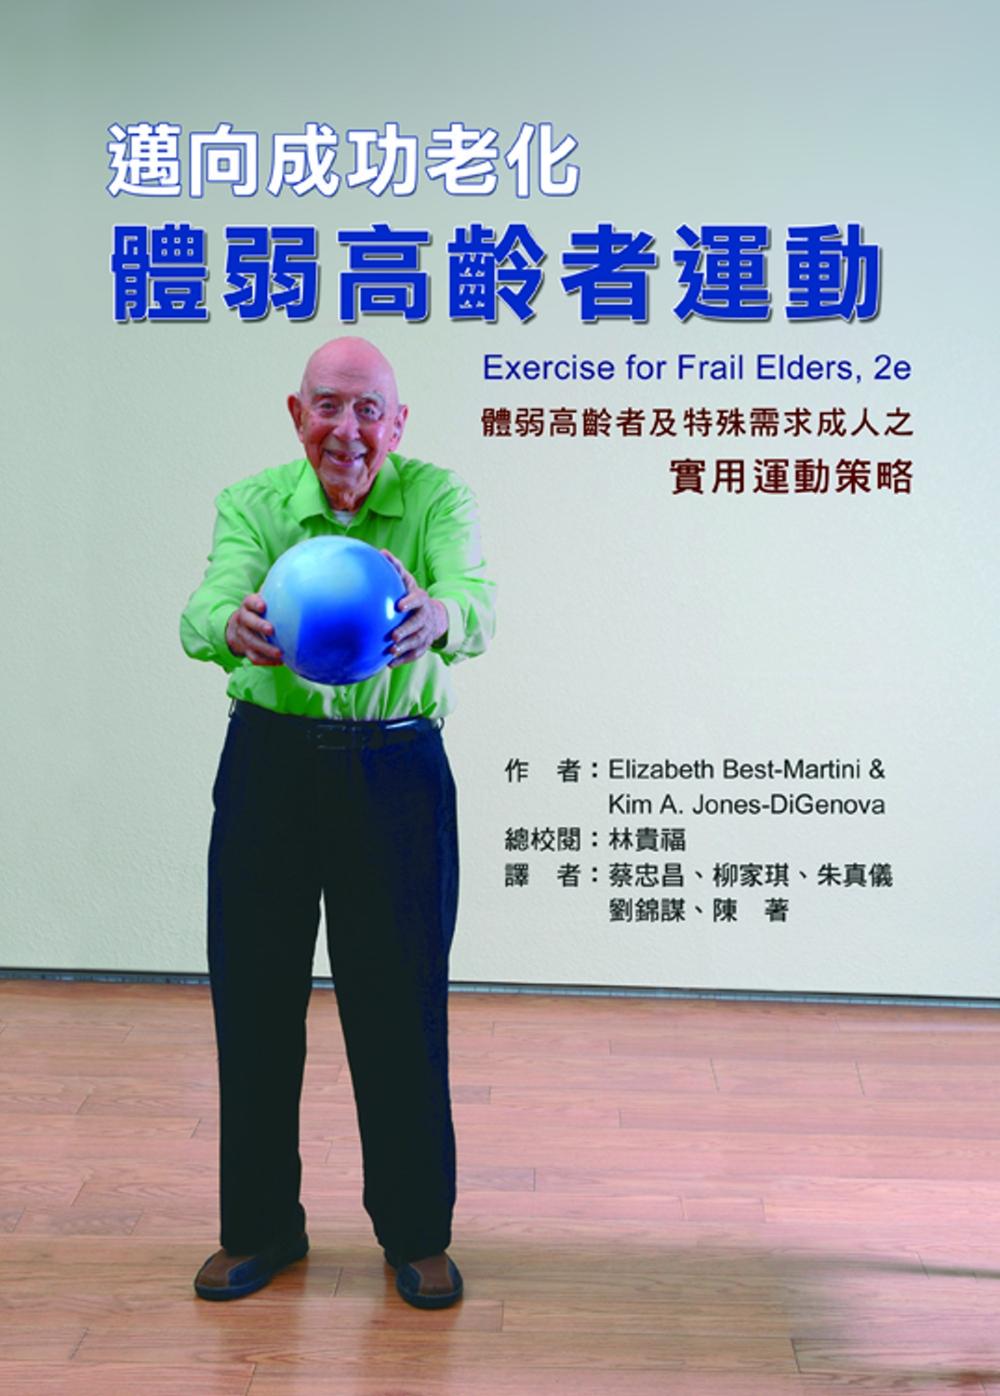 邁向成功老化:體弱高齡者運動